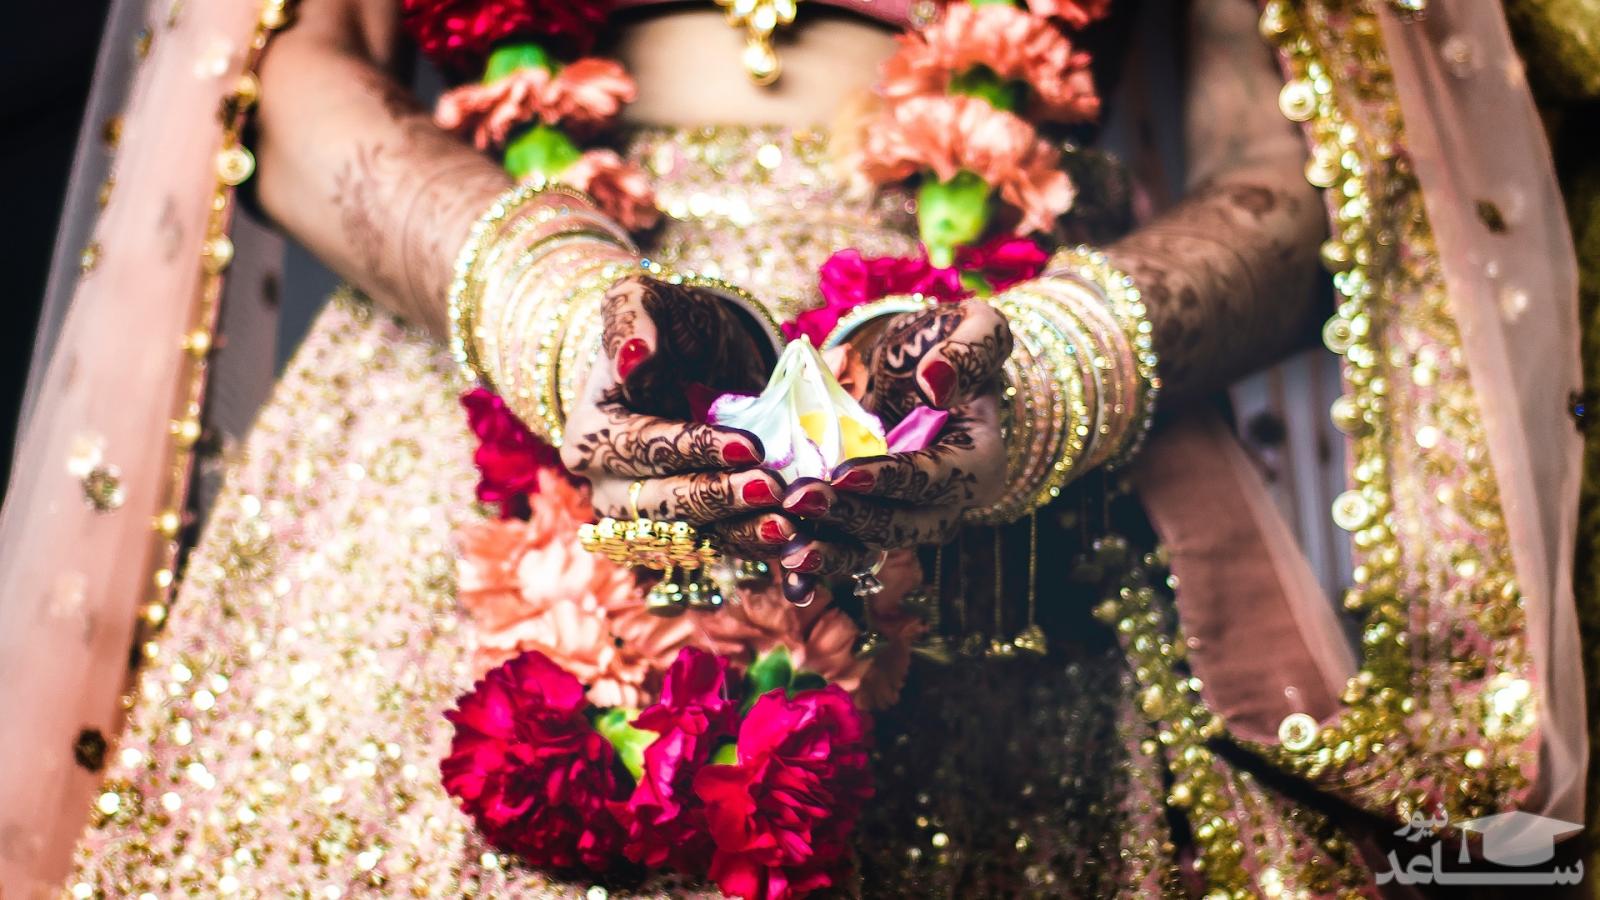 هدیه عجیب کمدین هندی به عروس و داماد سوژه شد!